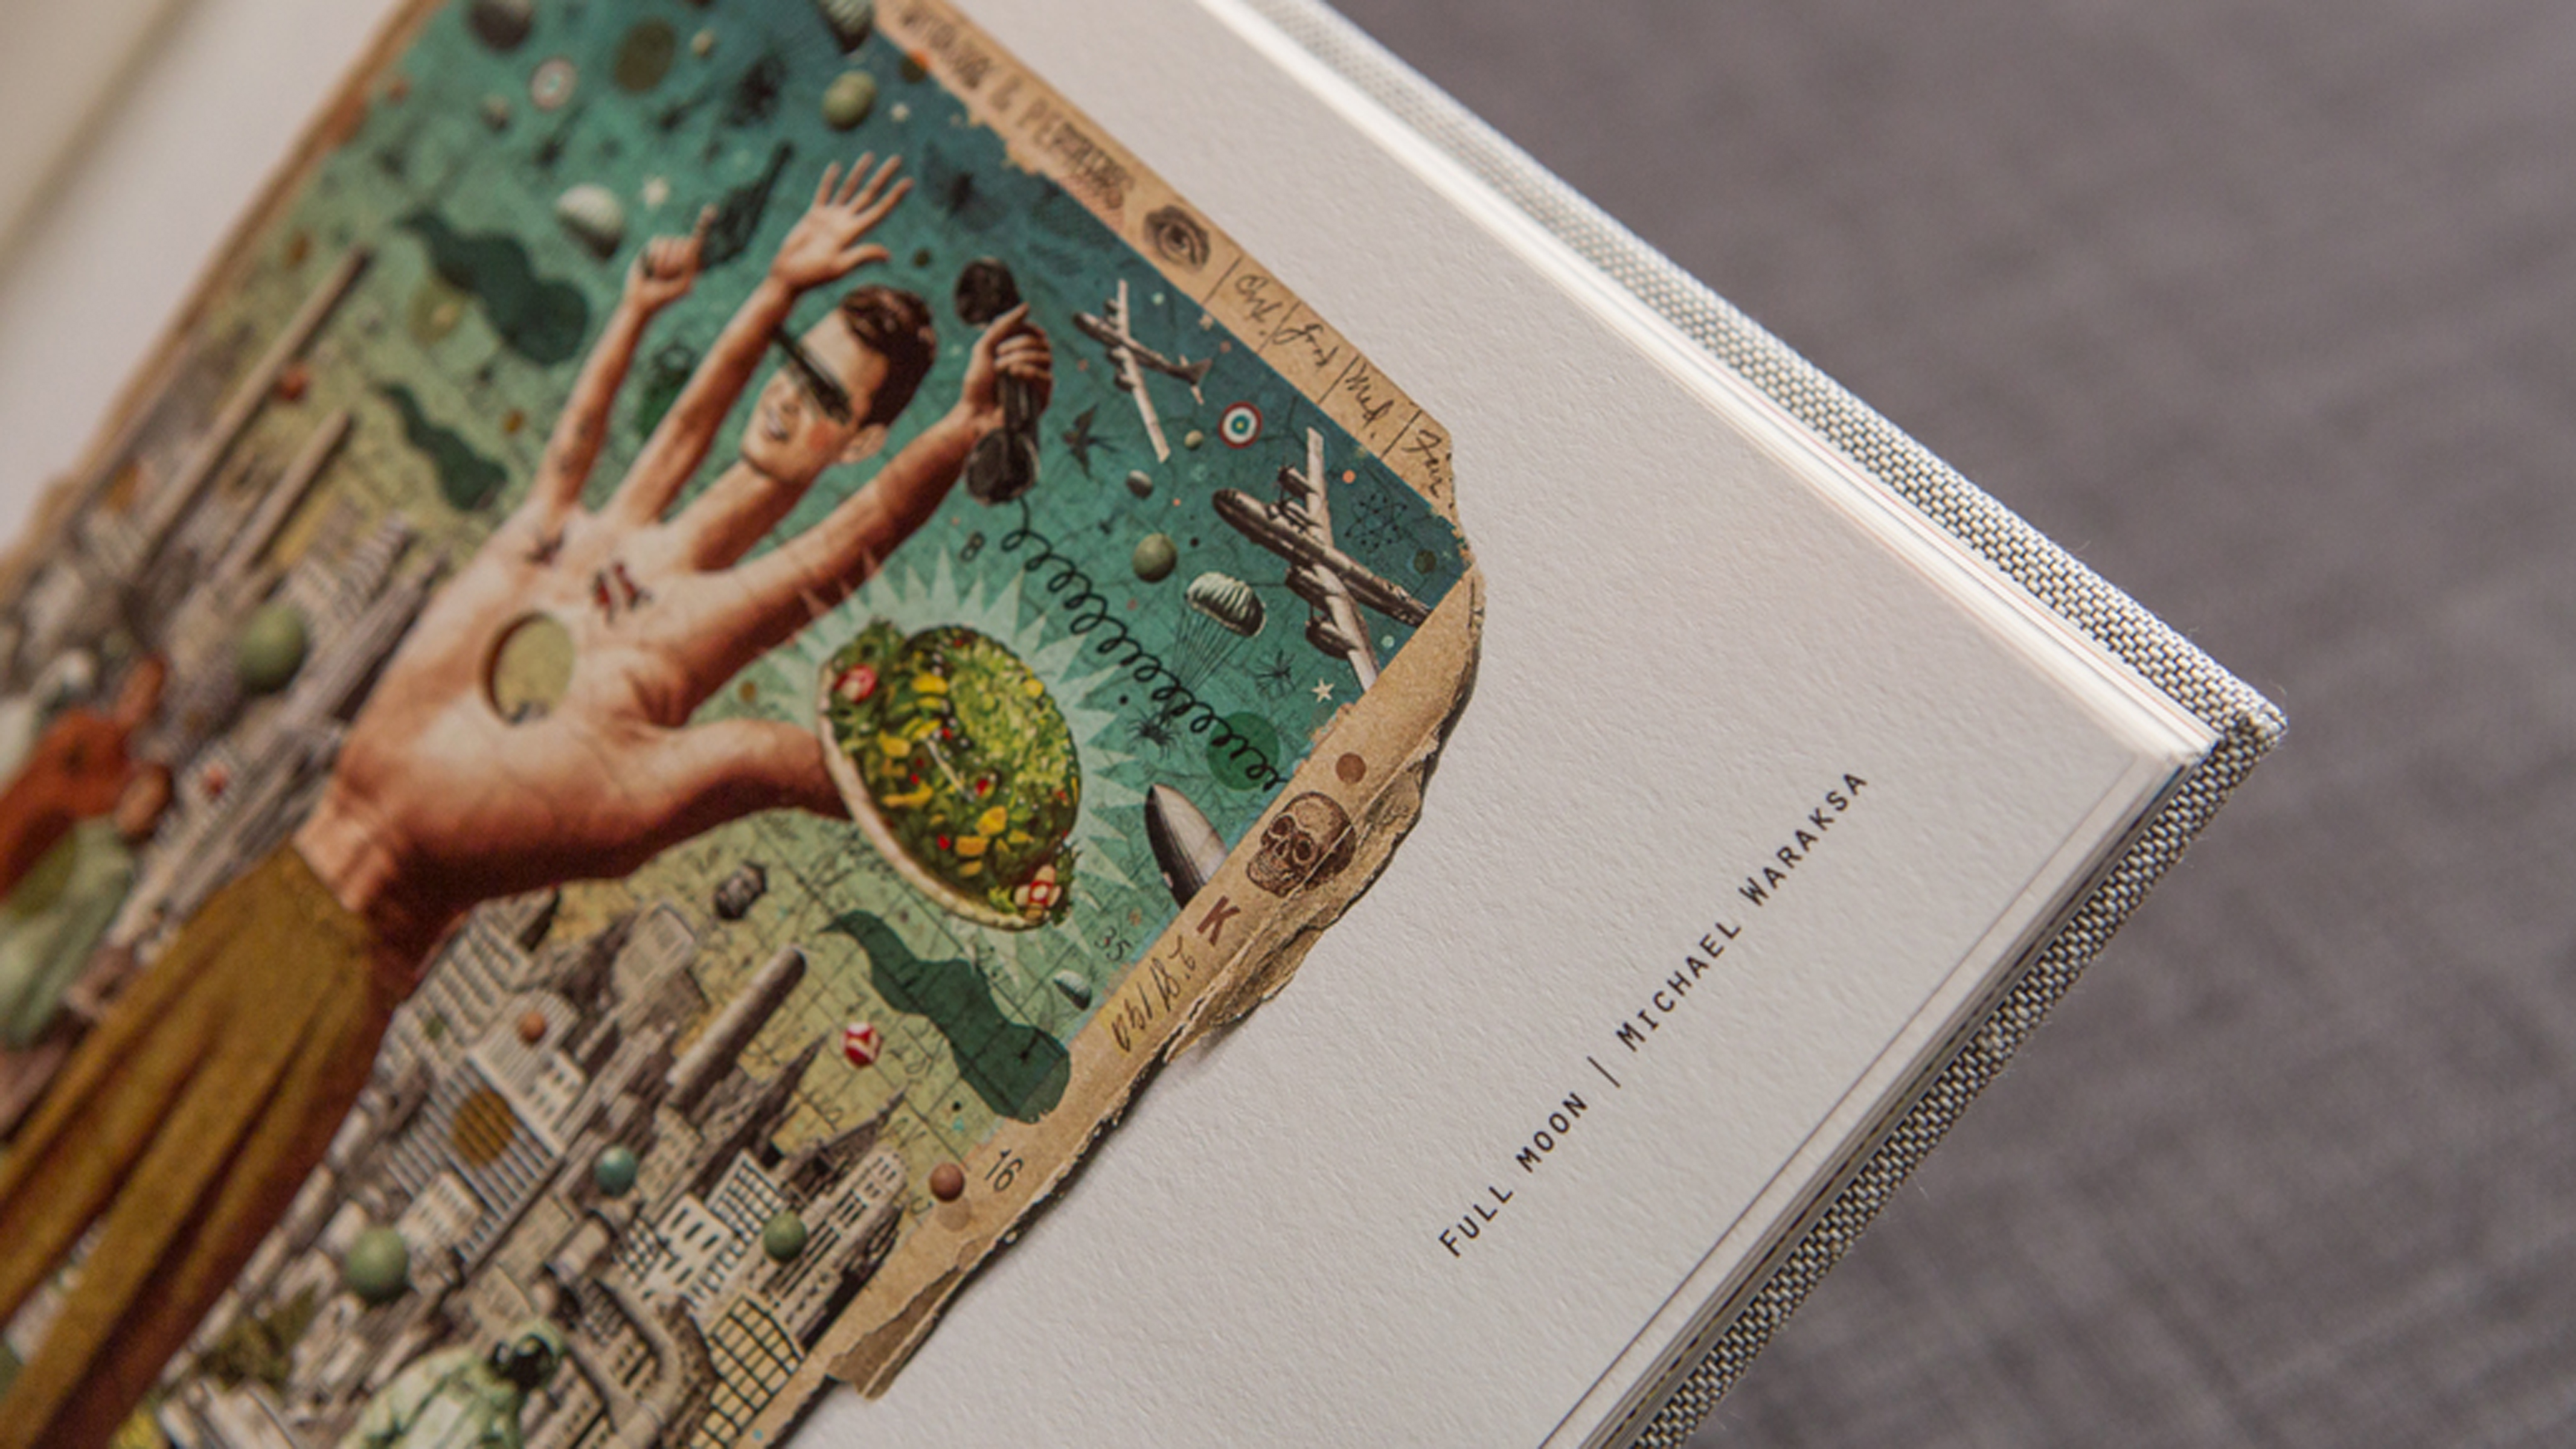 un libro di mani plato waraksa 2